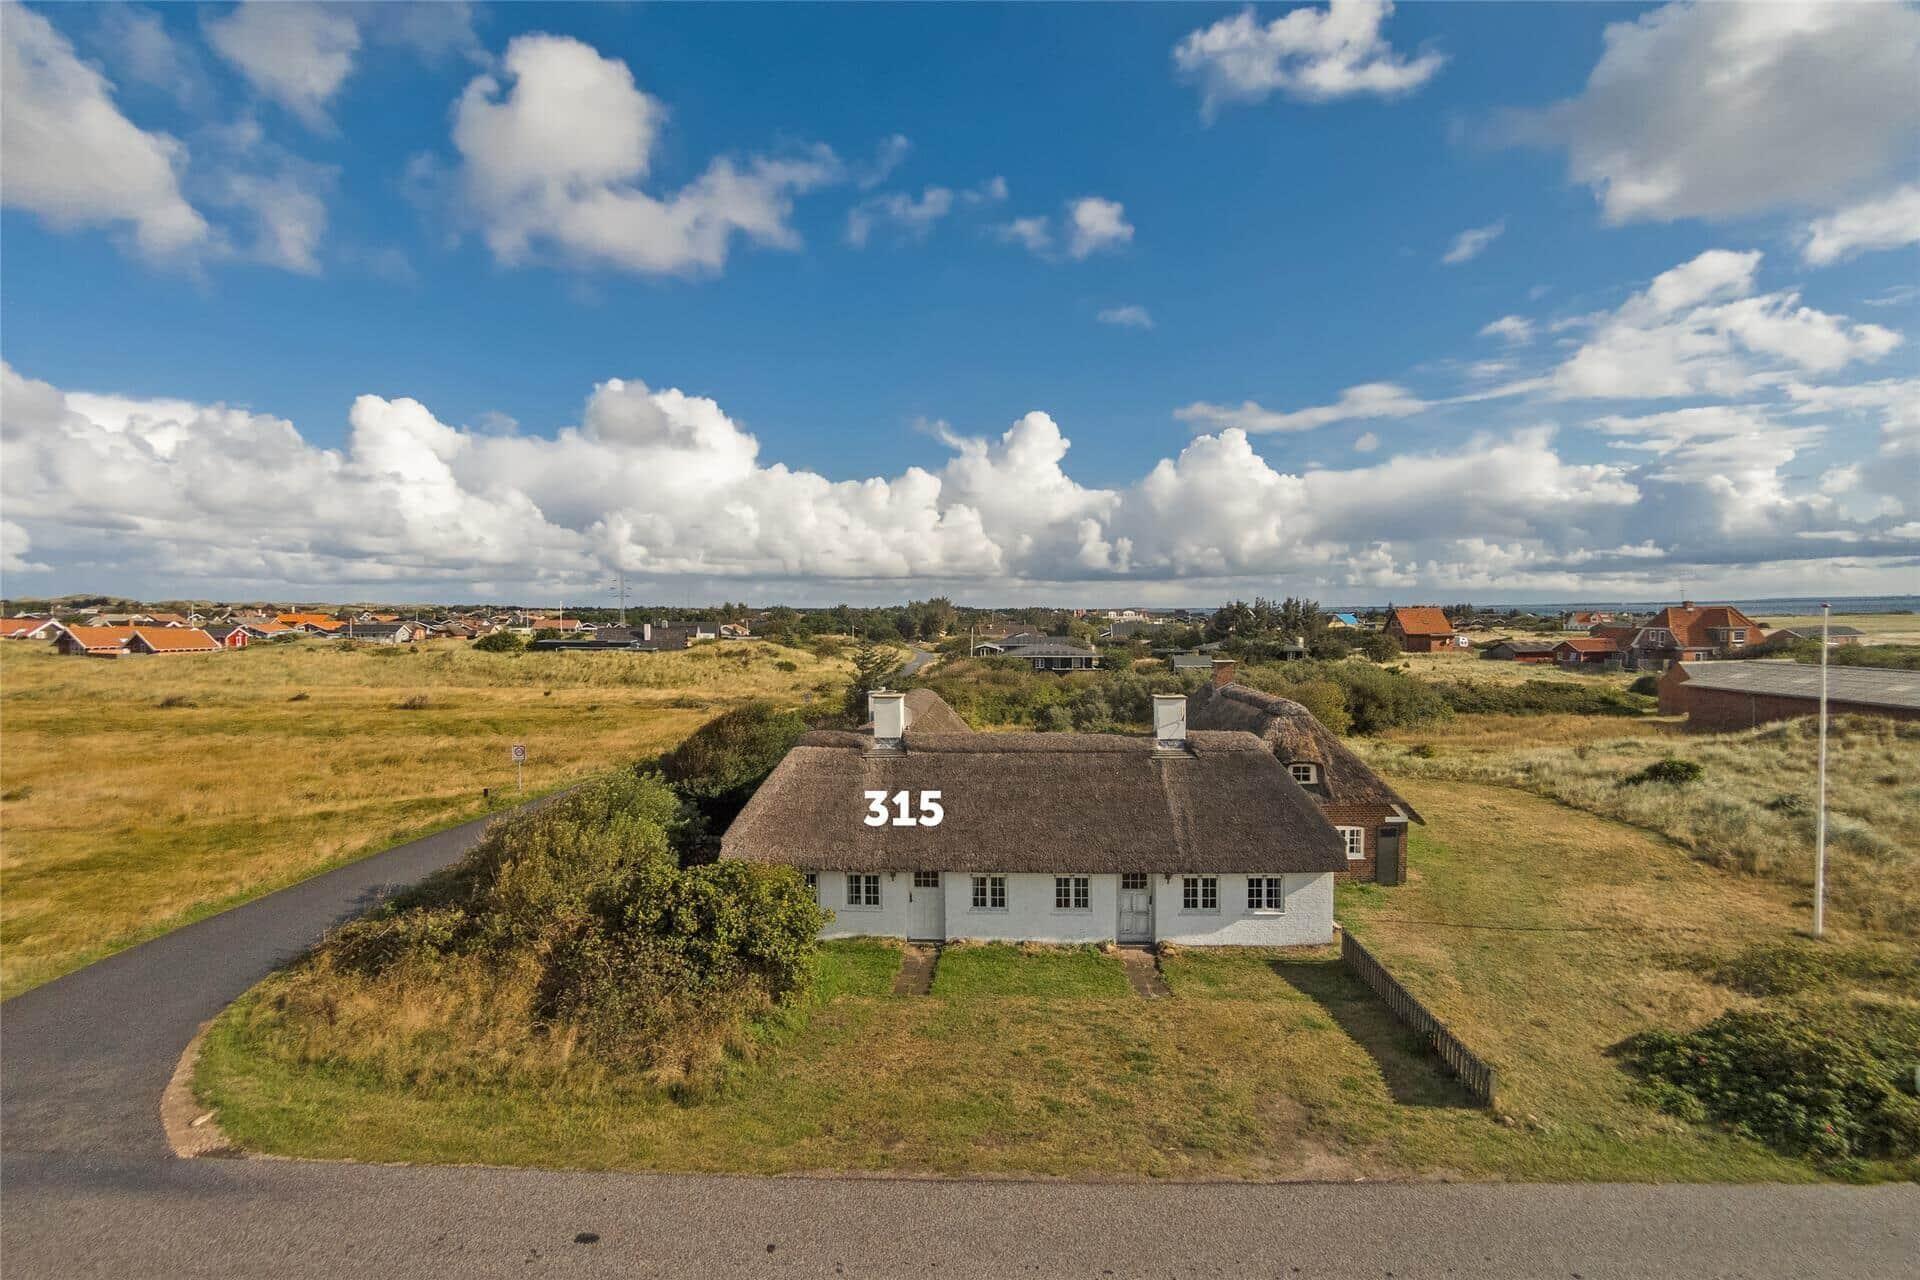 Billede 1-4 Sommerhus 315, Holmsland Klitvej 115, DK - 6960 Hvide Sande